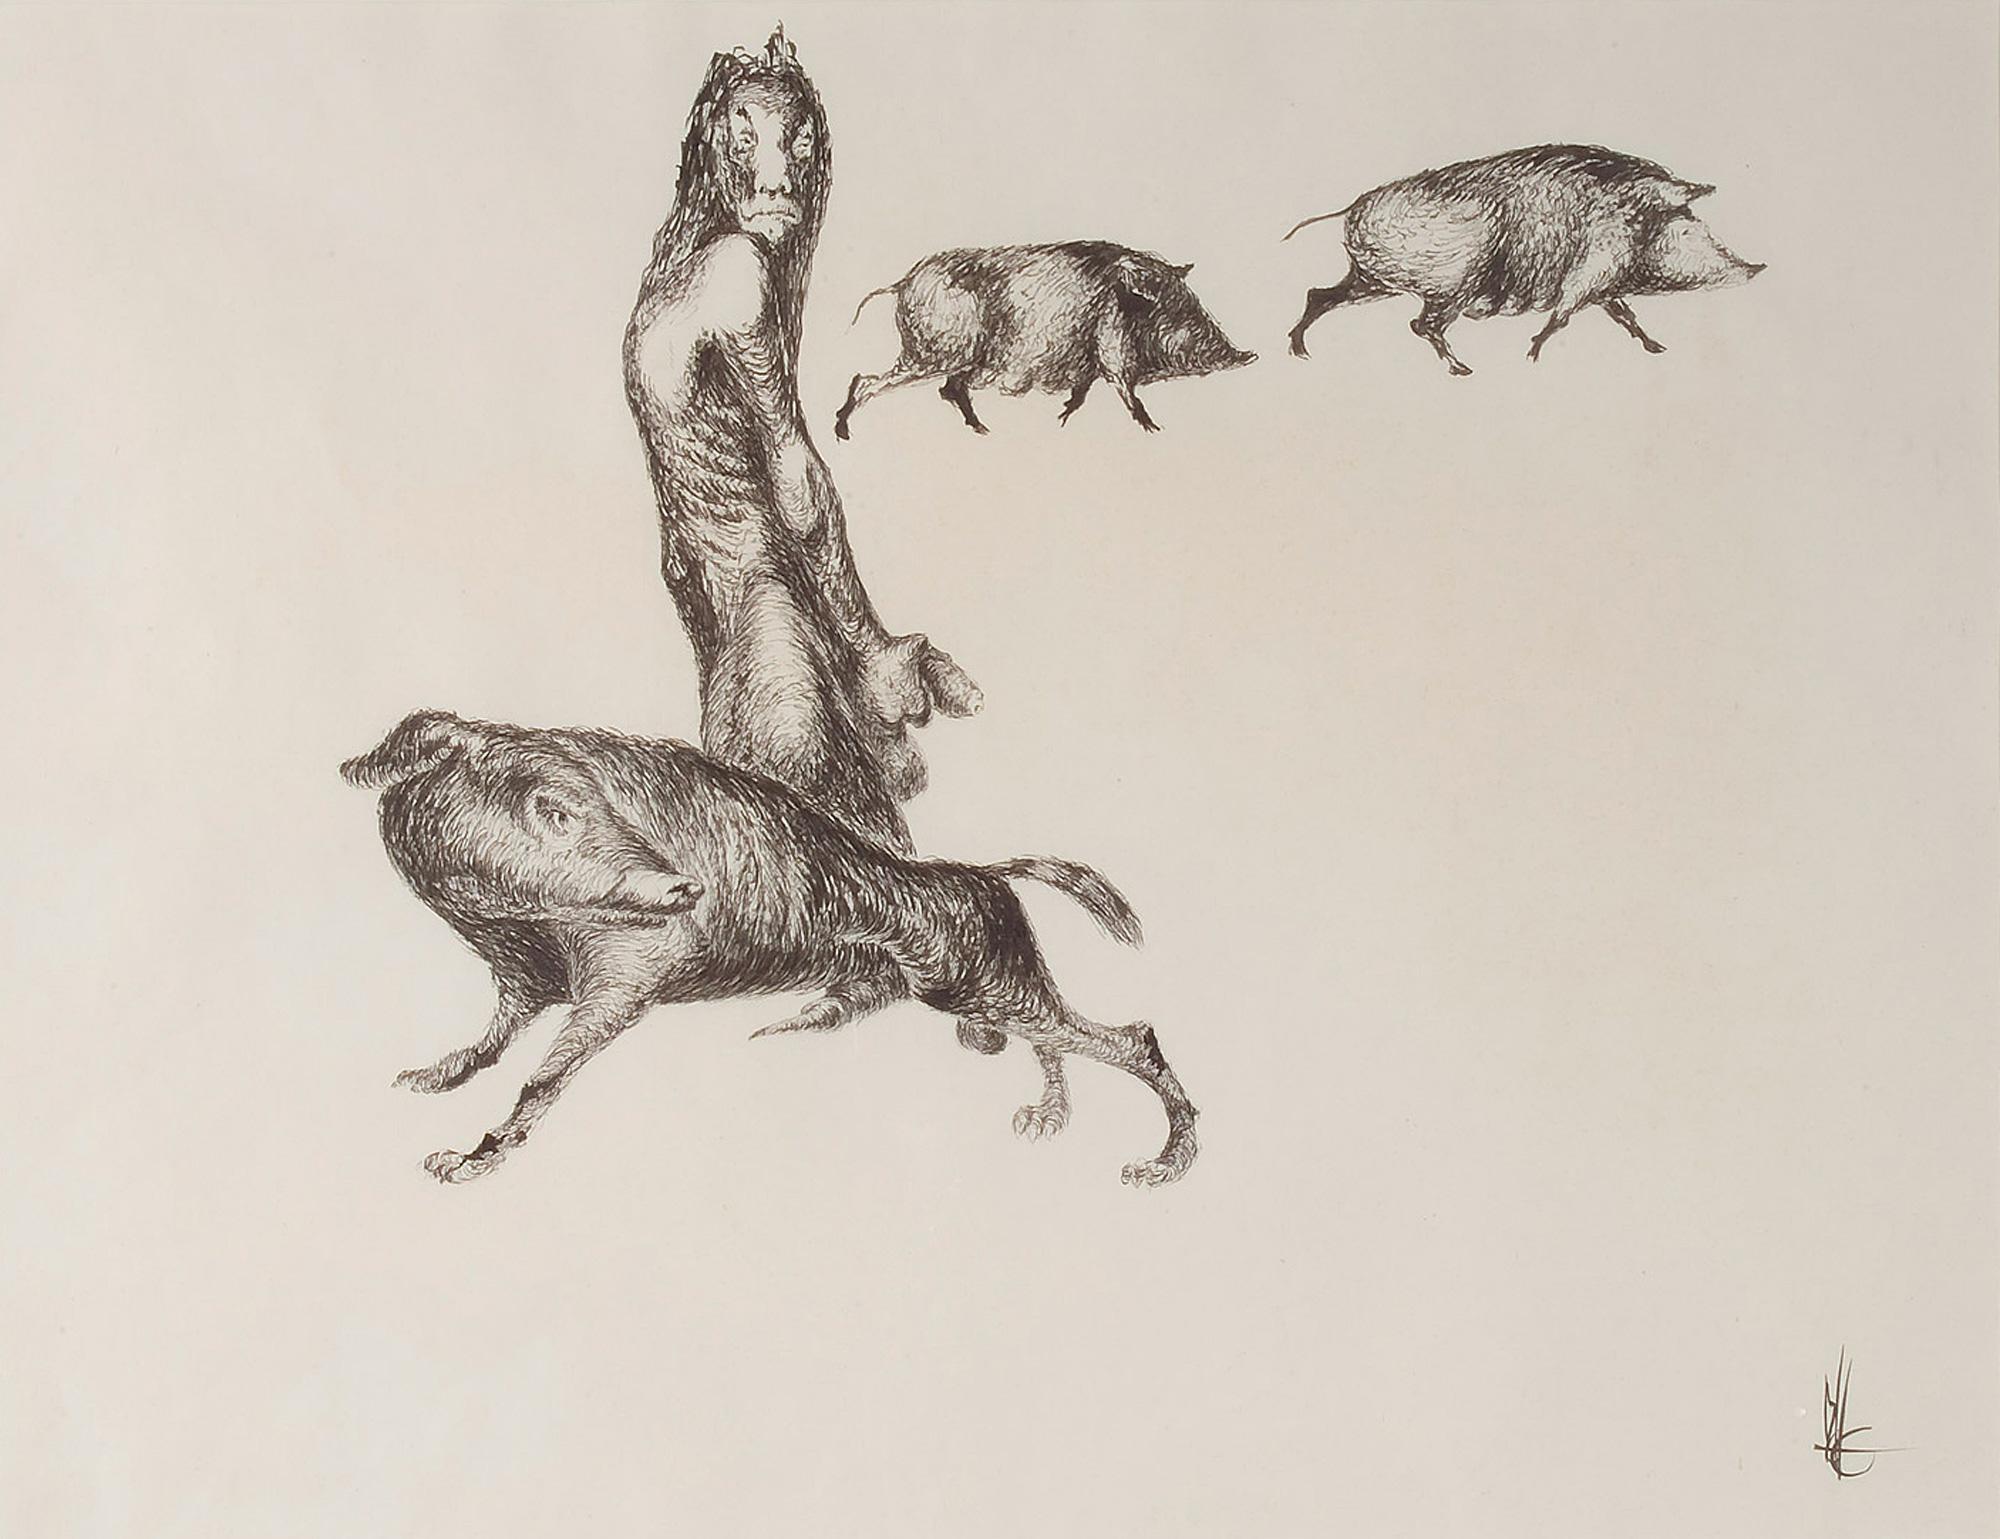 Melle schilder | Man met zwijnen, Oostindische inkt op papier